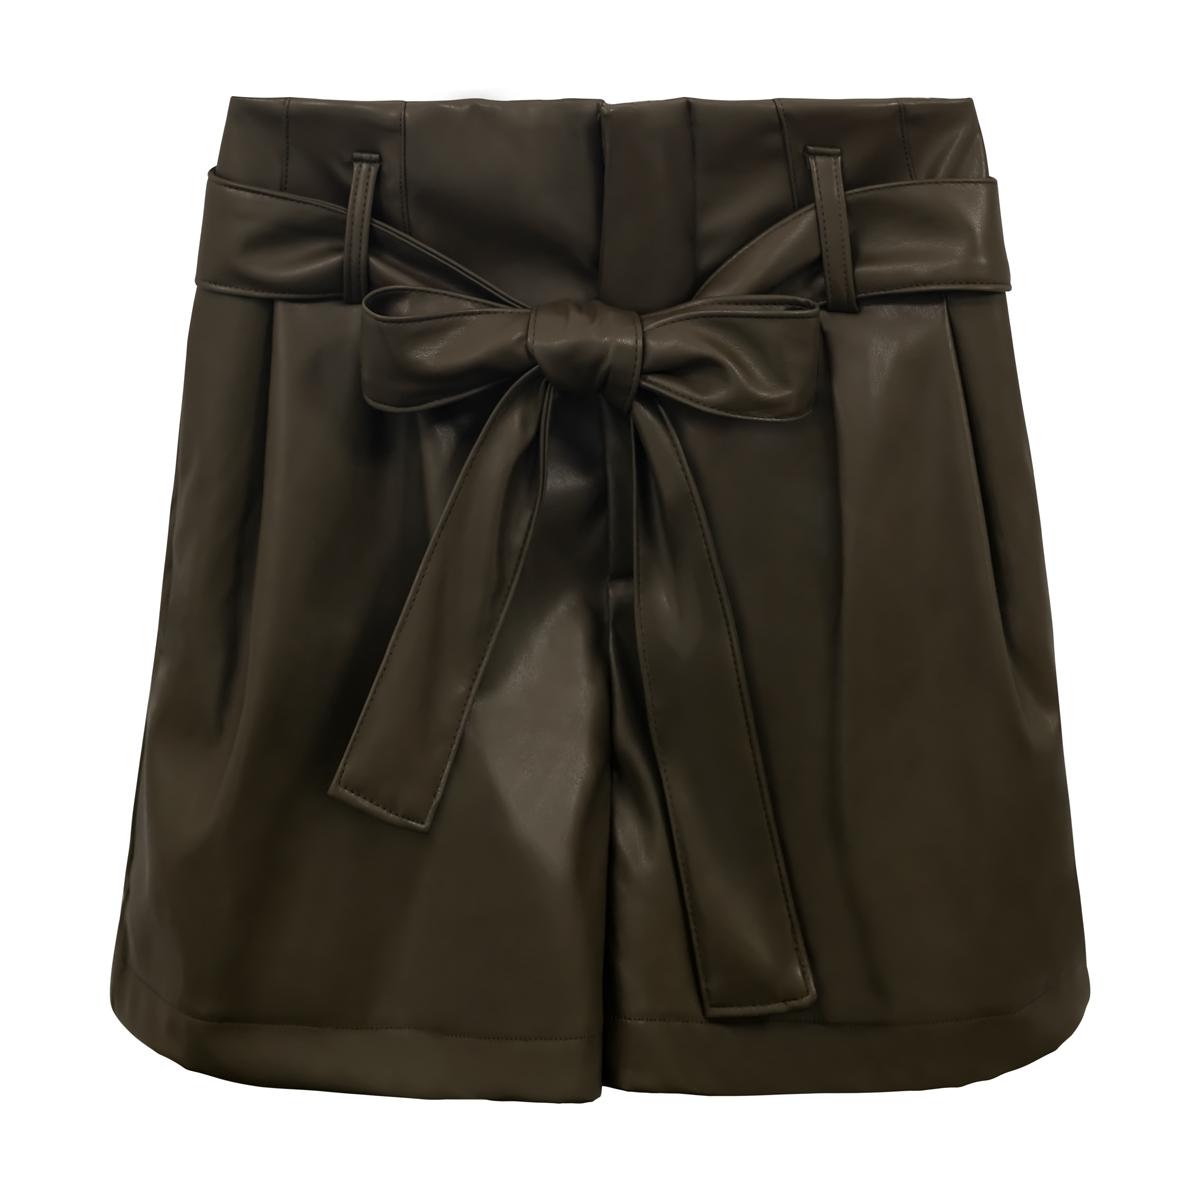 Kurz leather bow